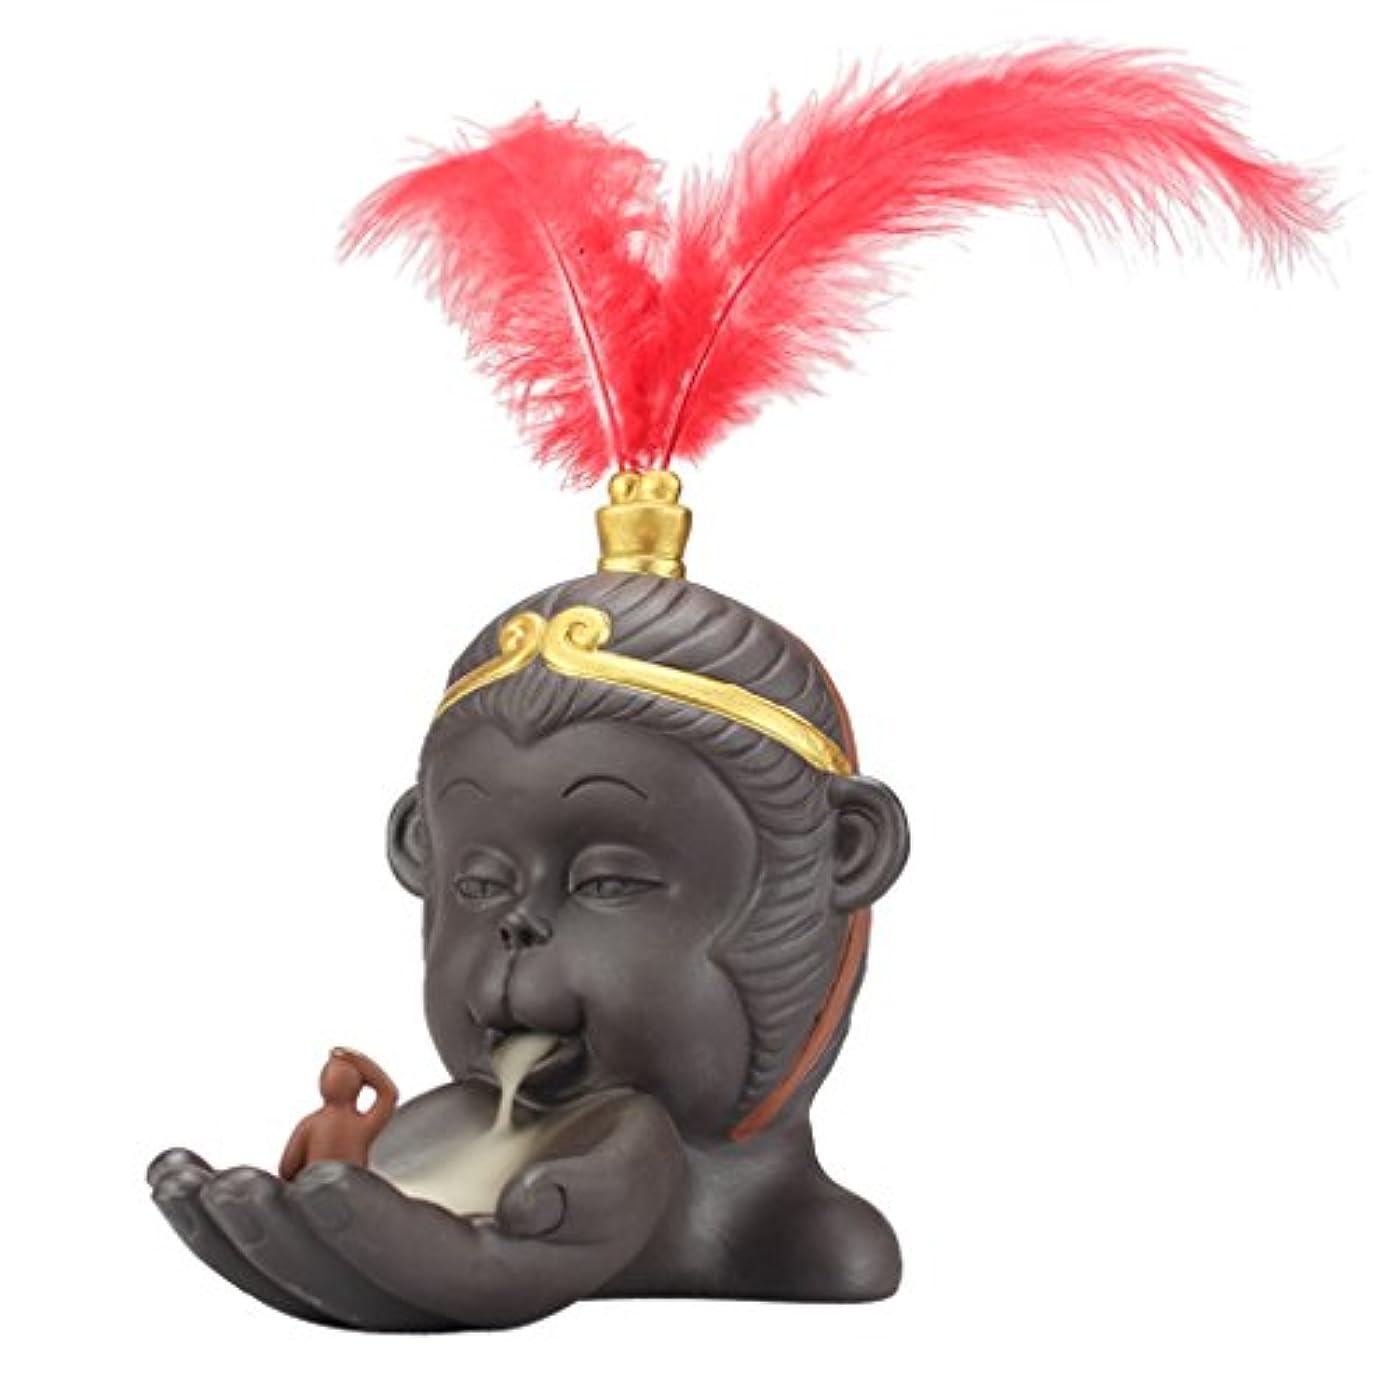 挽く激しいリスナーPerfk 仏教 香炉 バーナーホルダー 小型 逆流コーン 香バーナー 持ち運び 容易 全2色 - 赤